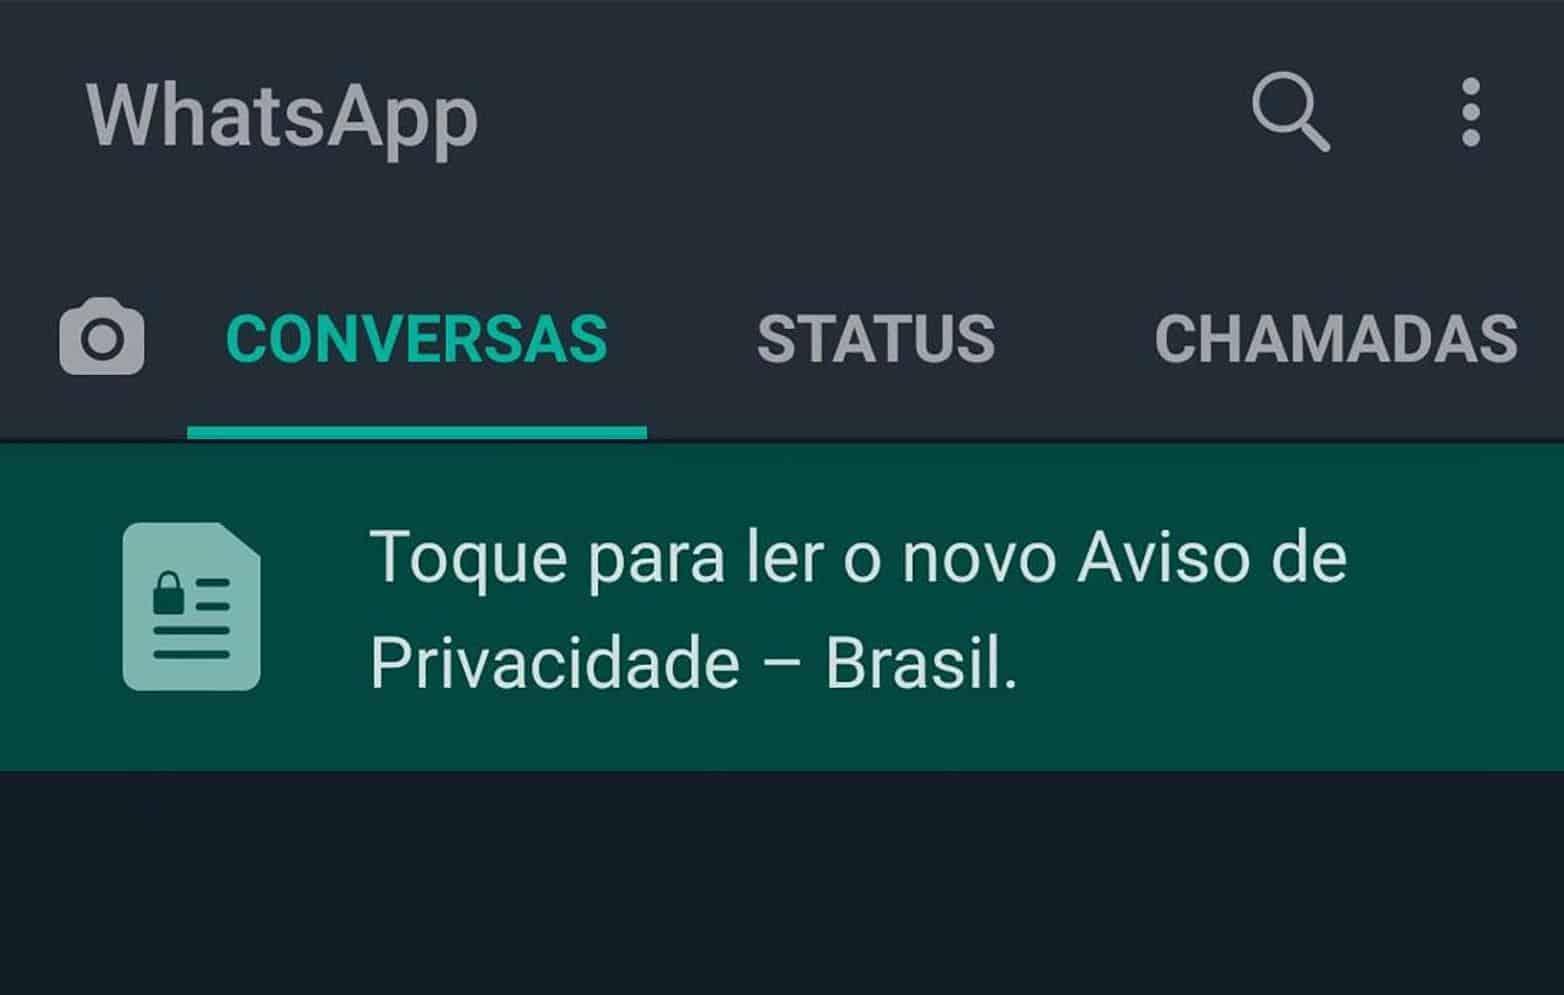 WhatsApp emite 'Aviso de Privacidade' para usuários brasileiros